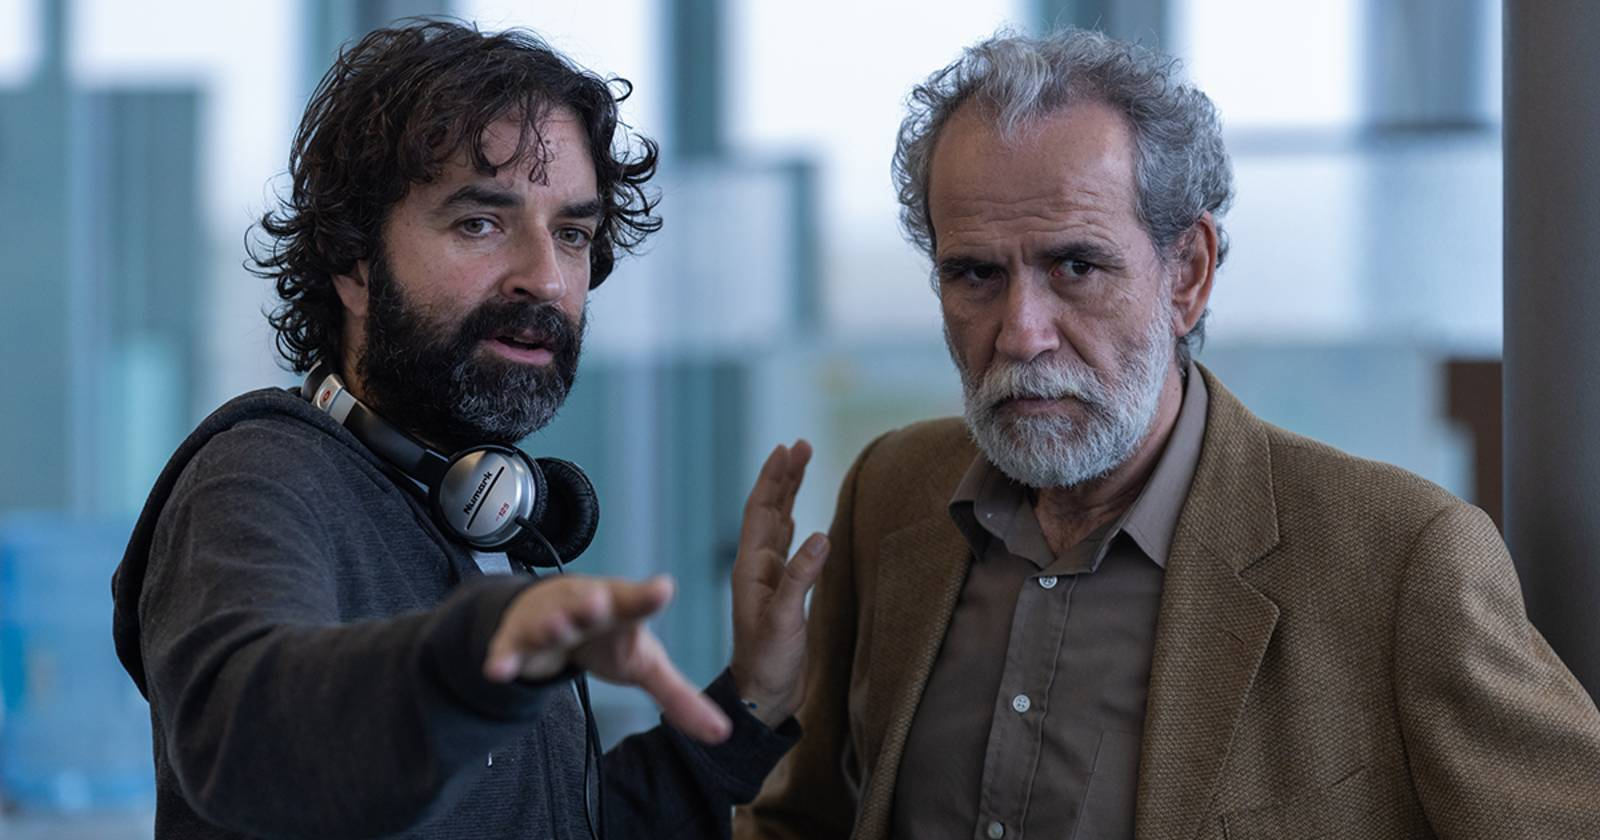 Los Favoritos de Midas, El director Mateo Gil dando instrucciones al Guillermo Toledo quien interpreta al inspector Conte